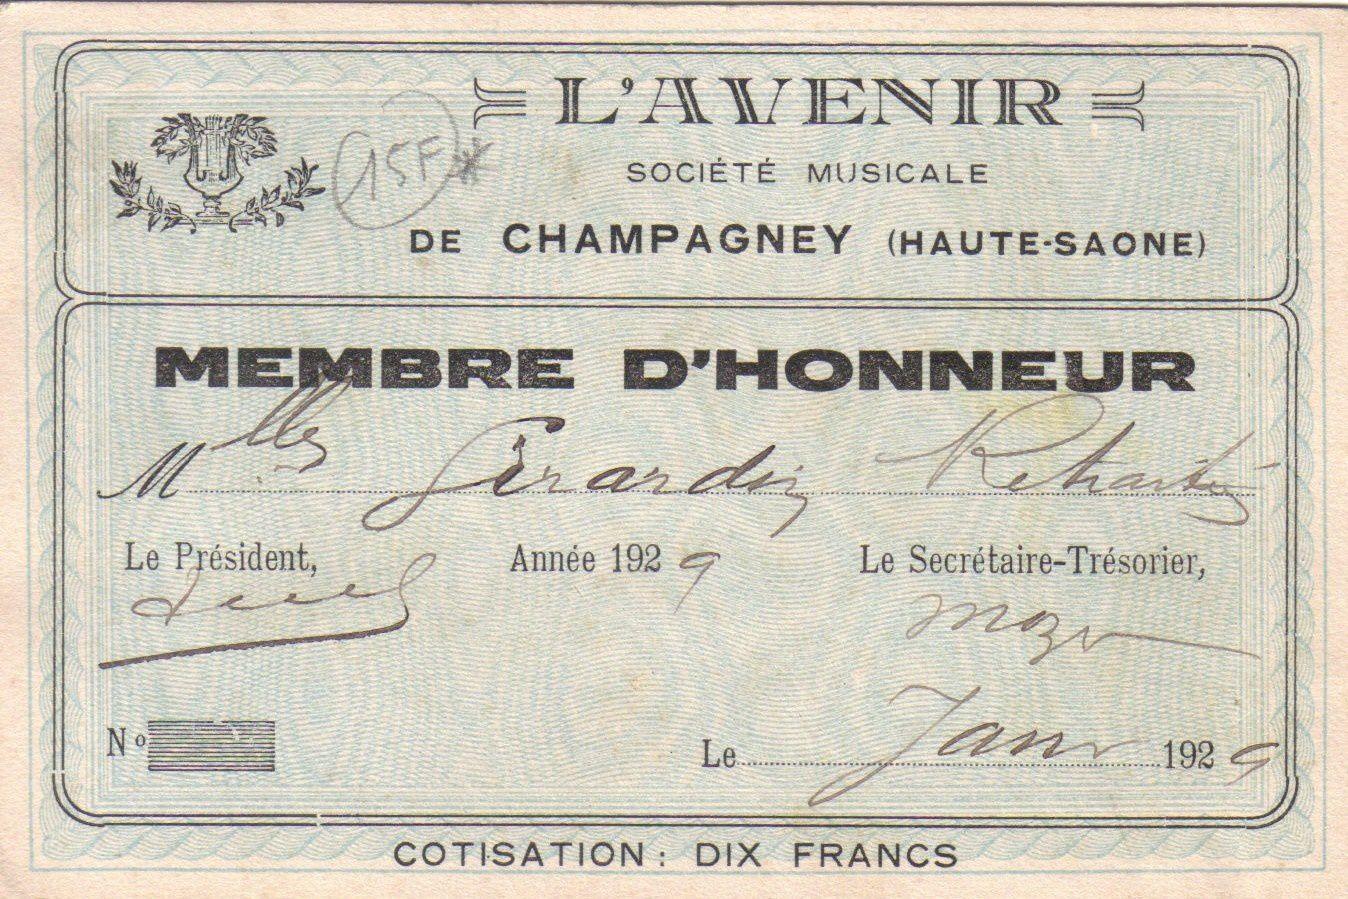 Mlle Girardin qui signe cette carte de membre de l'Avenir fut institutrice à l'école des filles.